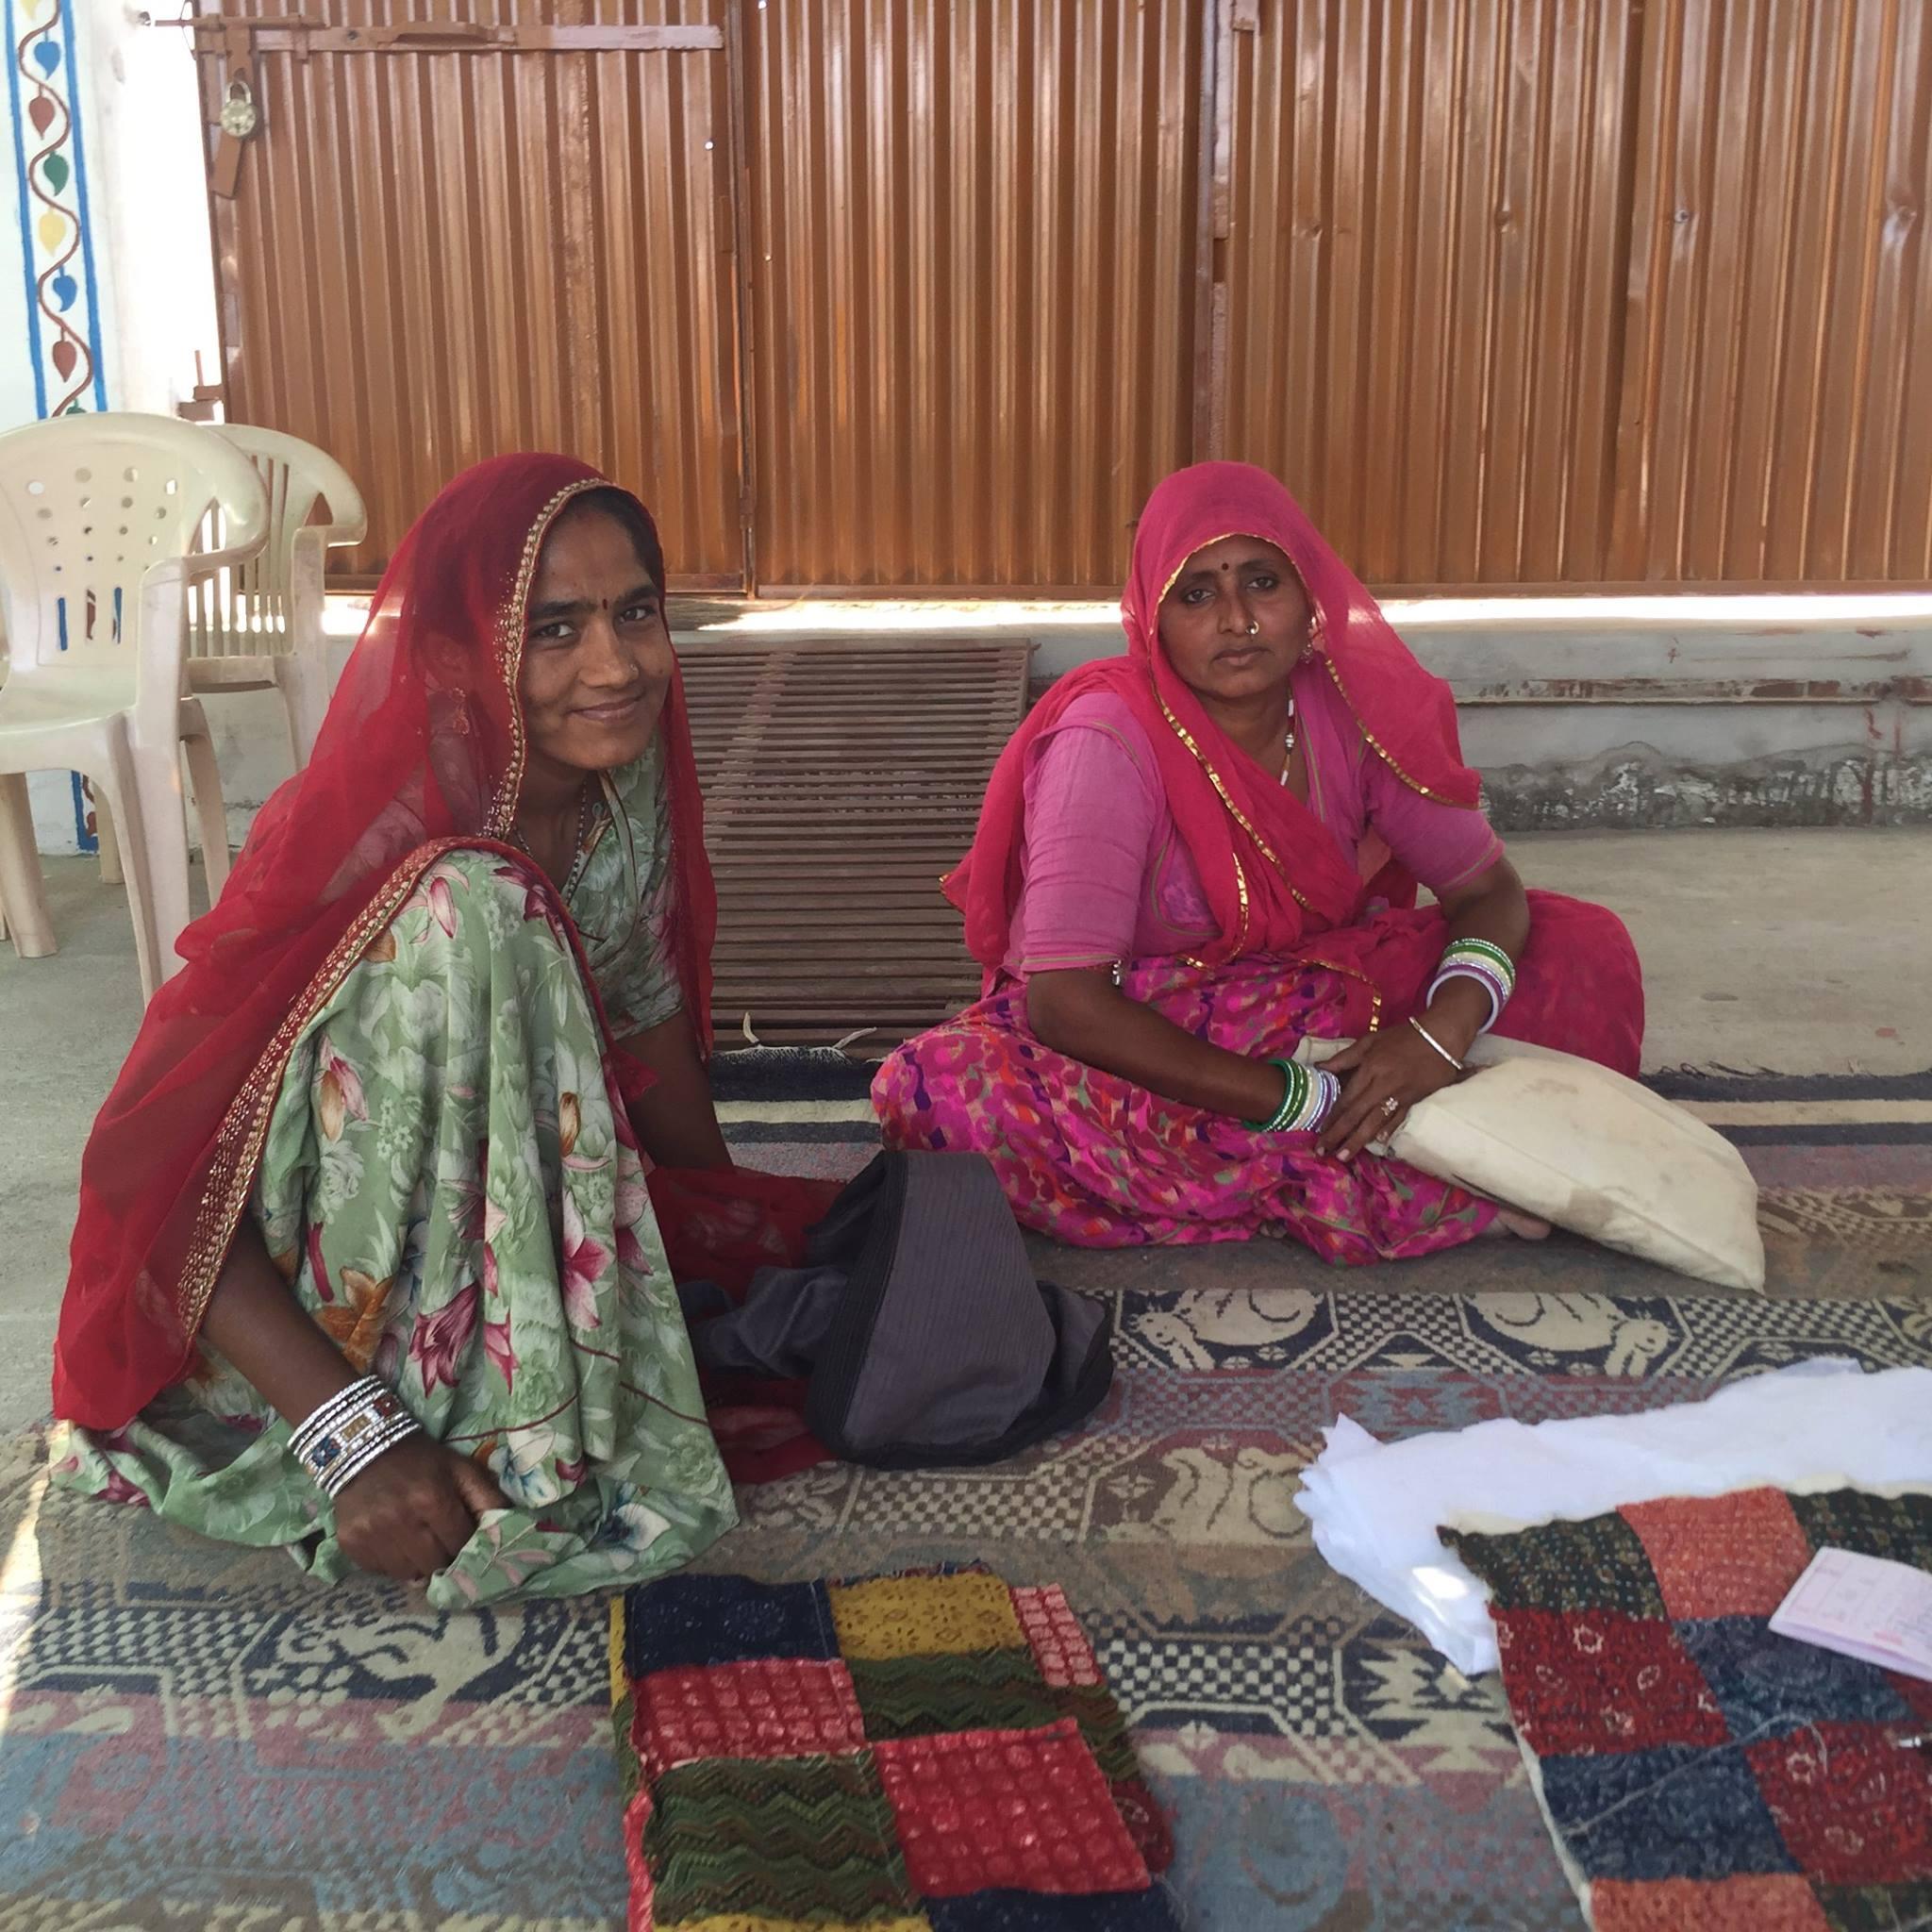 Creating market opportunities for women artisans in Thar Desert